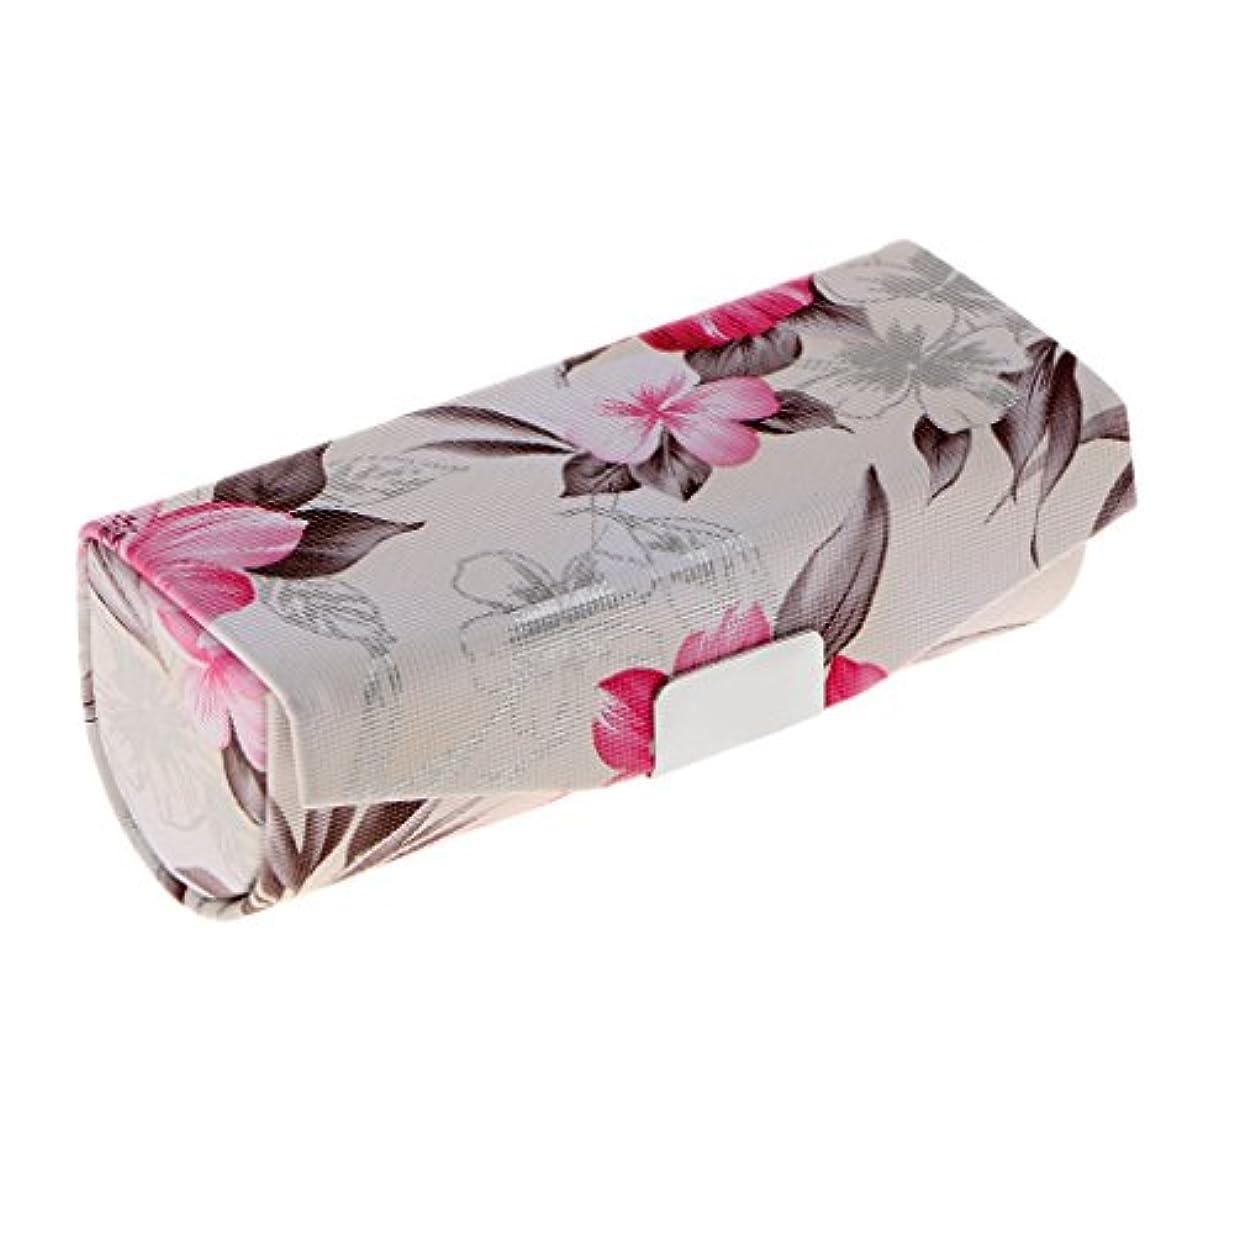 CUTICATE 口紅ケース 化粧ポーチ ミラー付き リップスティックホルダー レトロ プレゼント 全3色 - 白